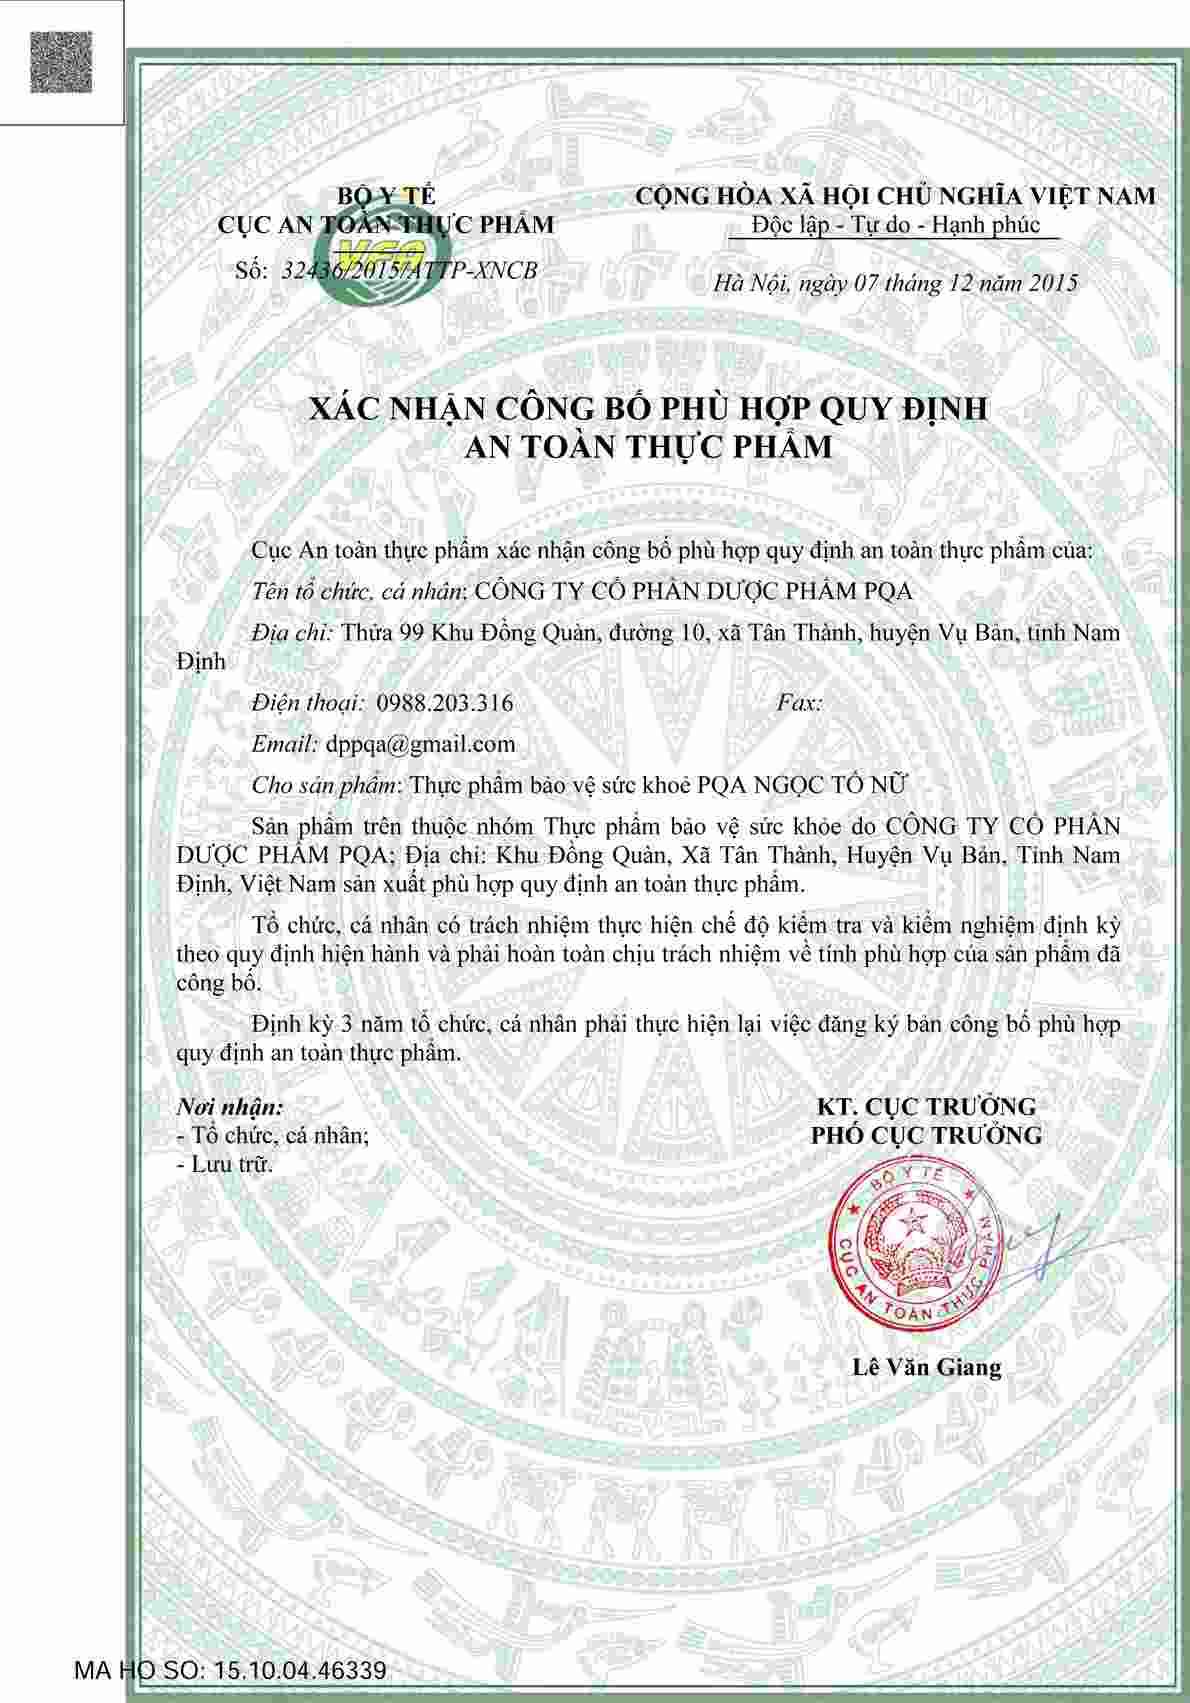 can-bang-noi-tiet-to-chong-lao-hoa-34955